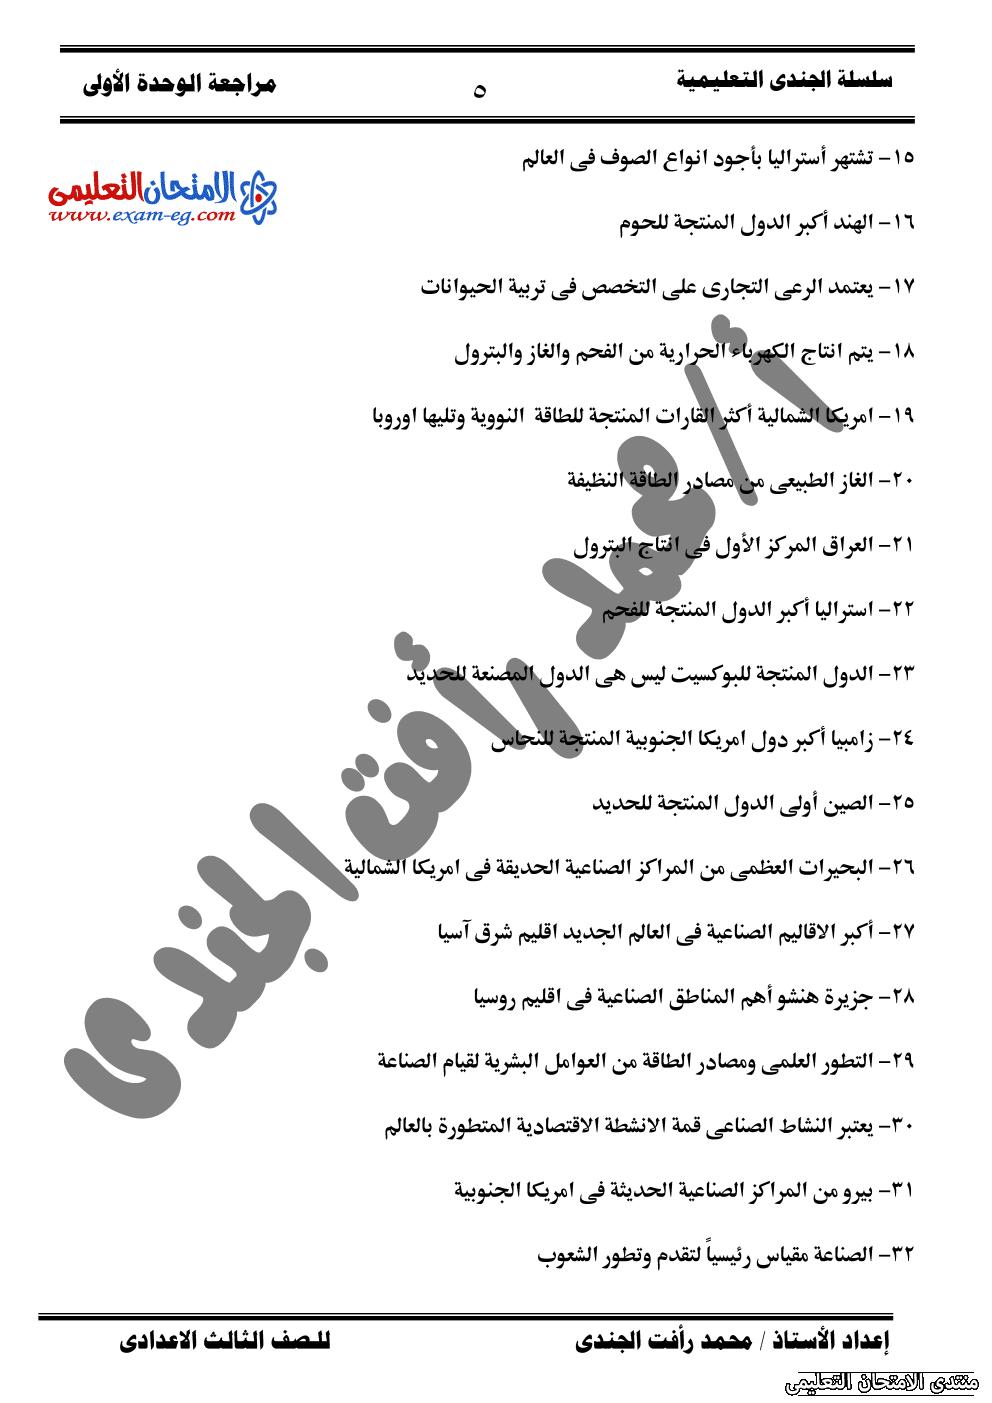 exam-eg.com_162264339539815.png